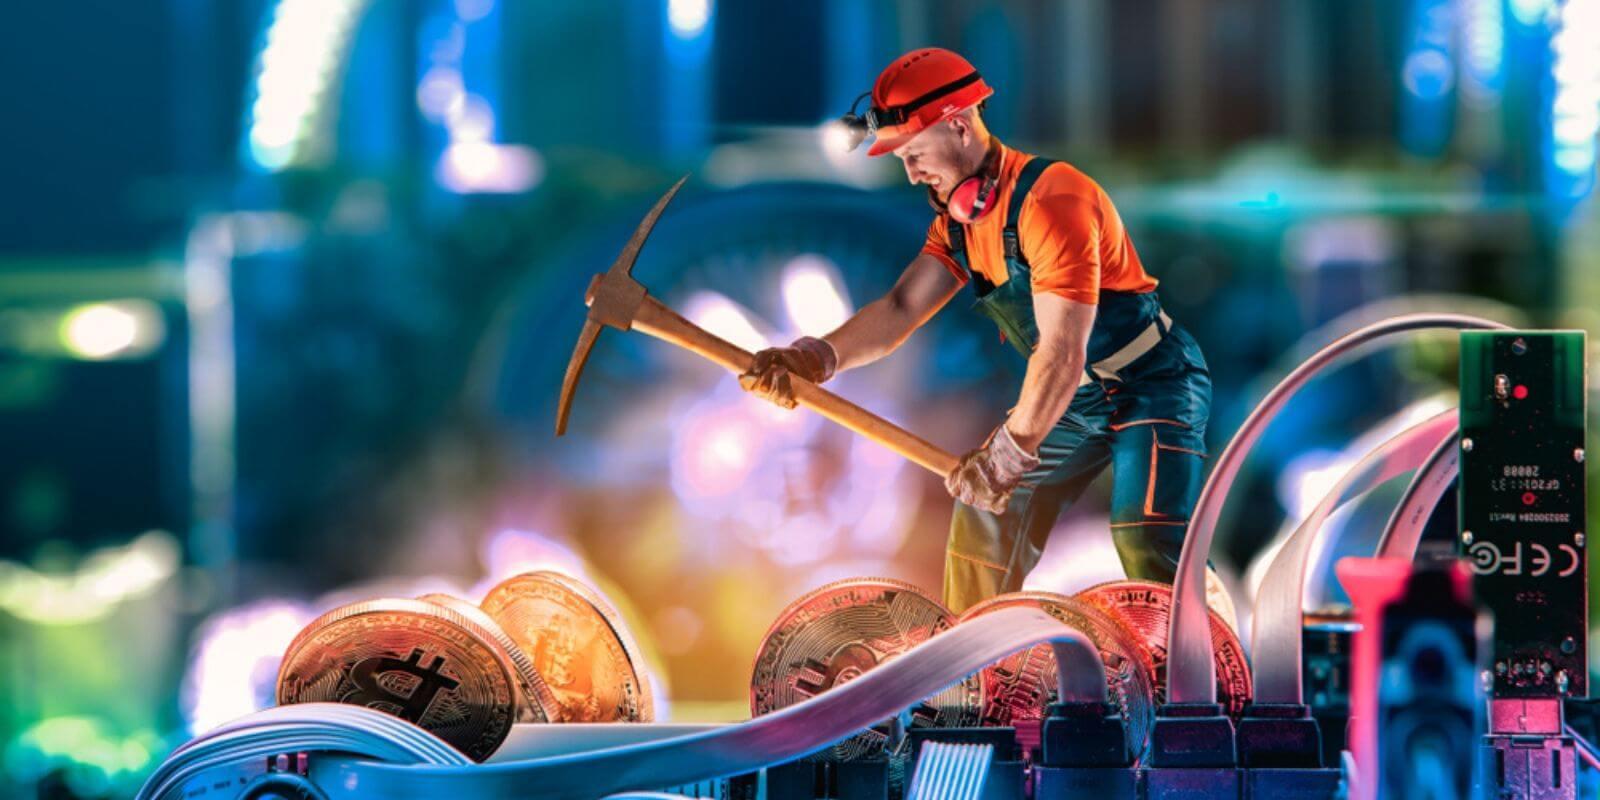 L'industrie du mining chinoise est-elle en train de s'exporter aux États-Unis?